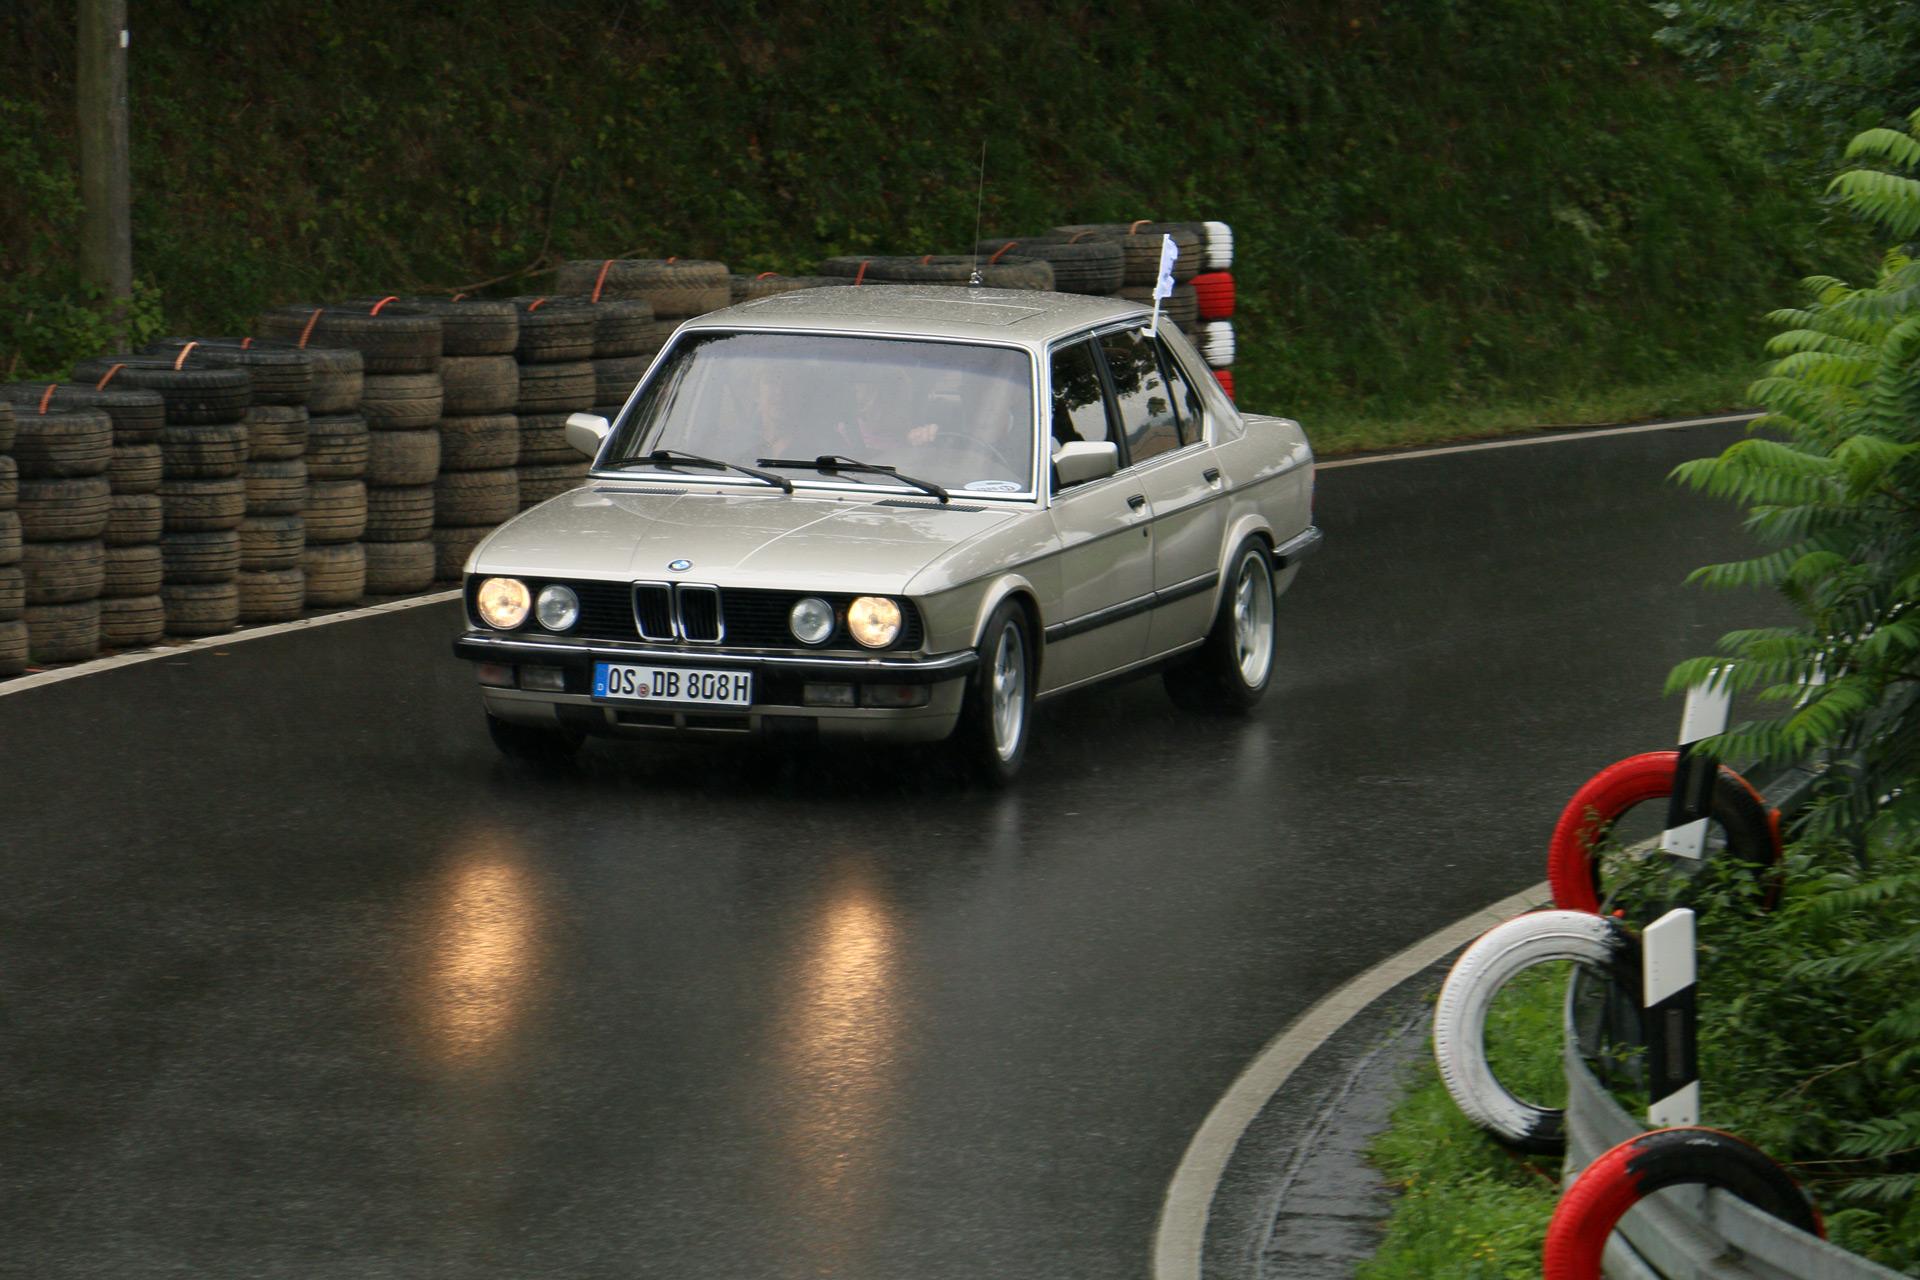 Die Baureihe E28 ist die zweite Generation der 5er-Reihe von BMW und wurde von Mitte 1981 bis Ende 1987 produziert.